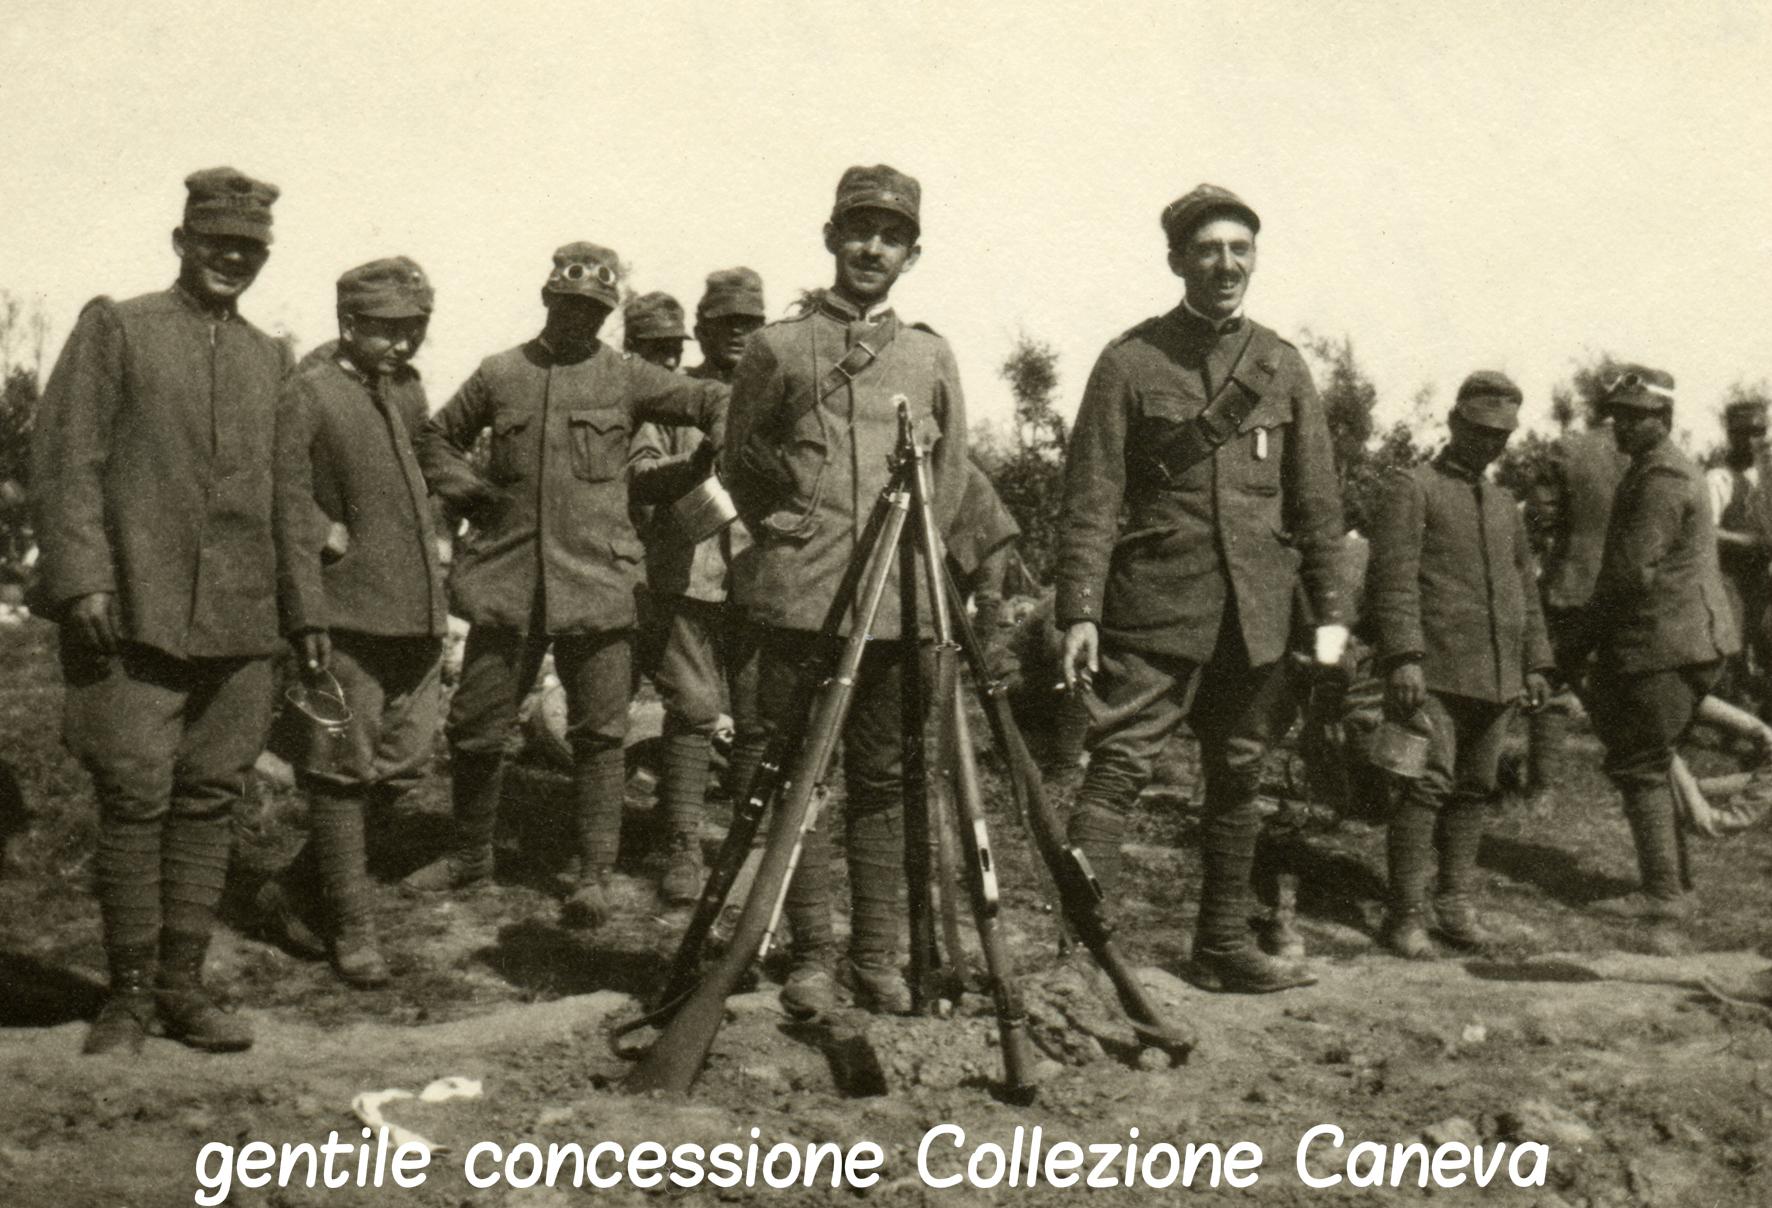 67 - La 12^ compagnia a Portrogruaro nel 1916 criptata caneva.jpg